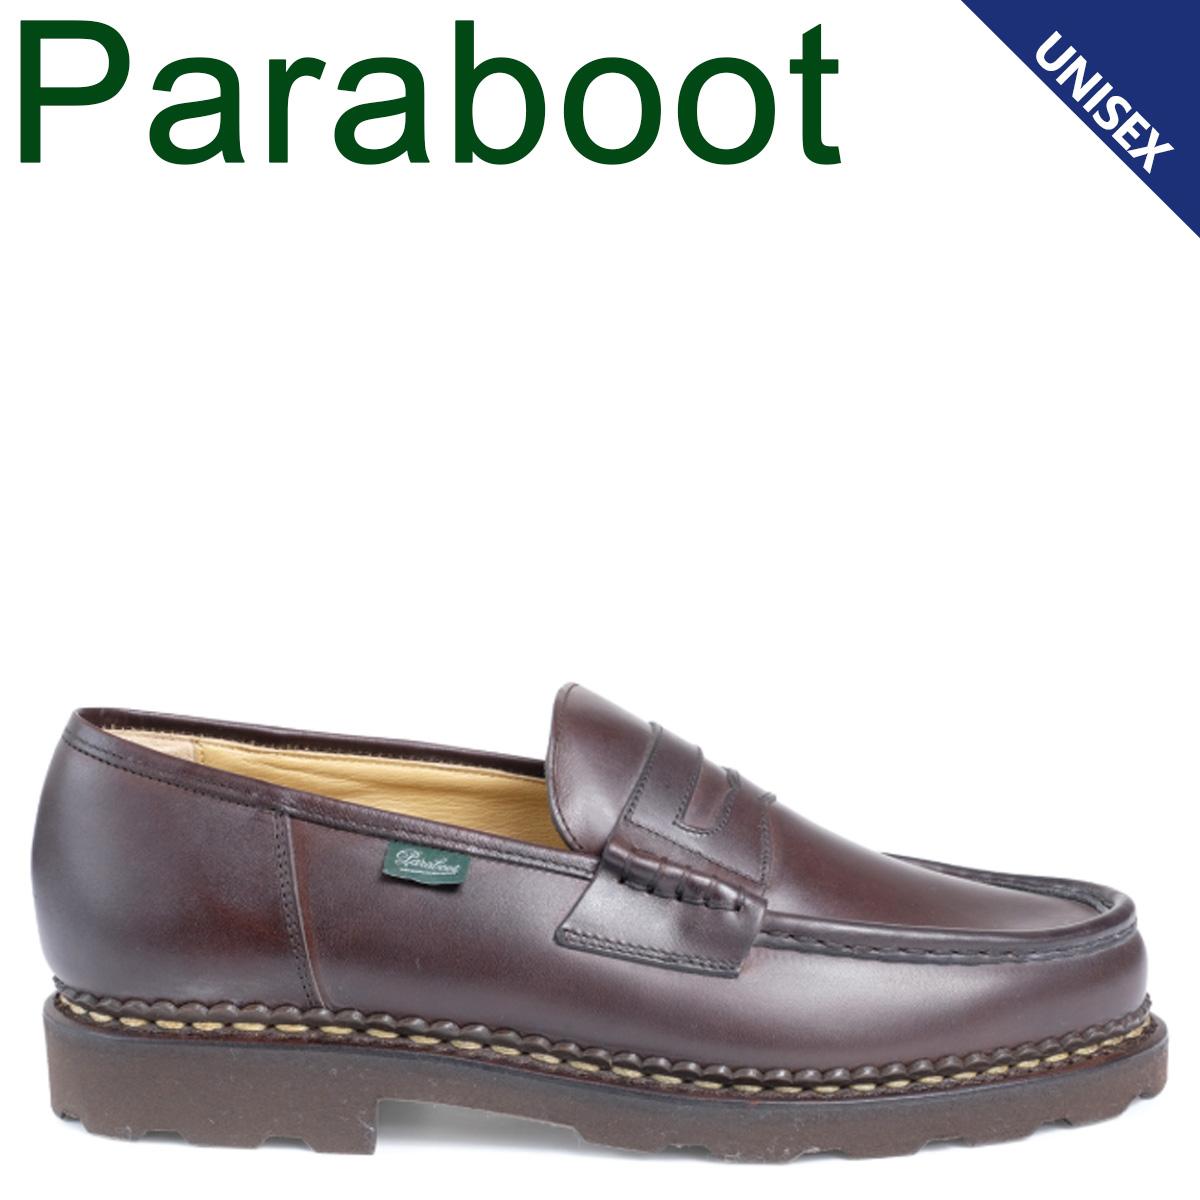 PARABOOT パラブーツ ランス シューズ ローファー メンズ レディース REIMS ブラウン 099413 [4/9 追加入荷]